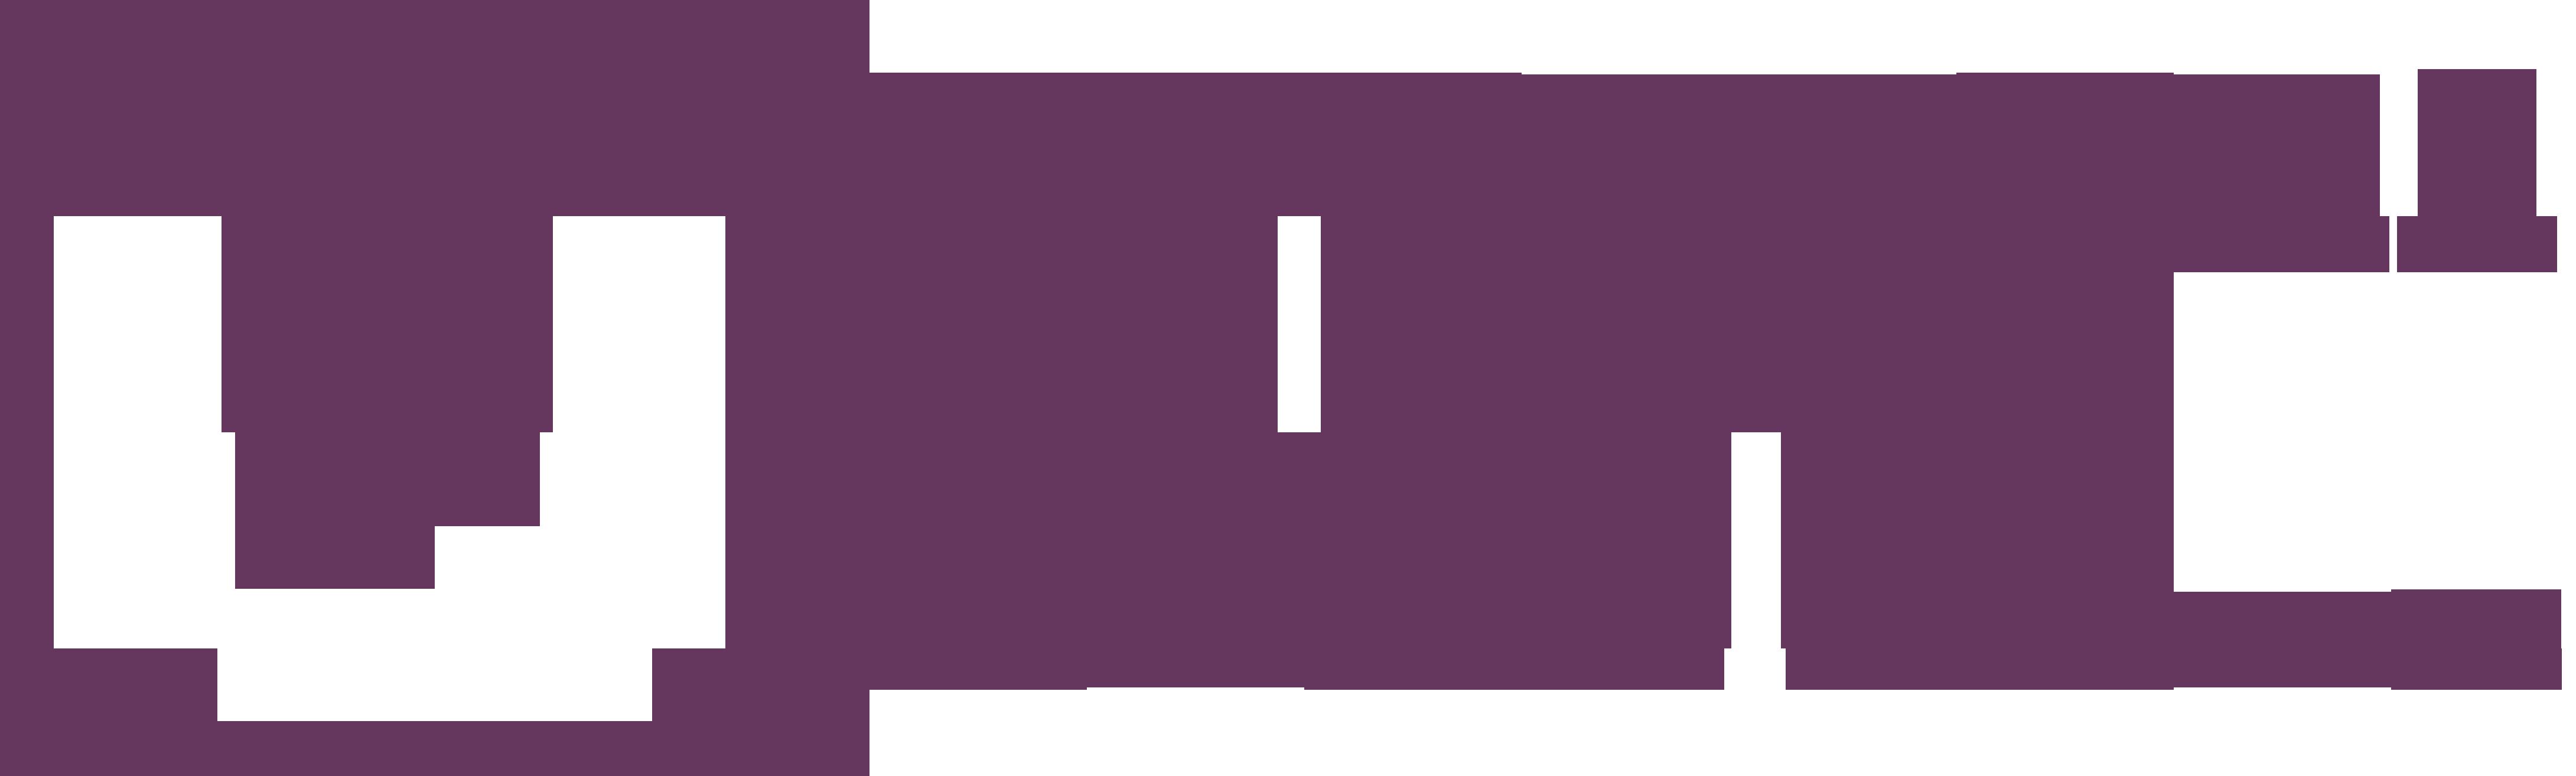 Consultora Quantis